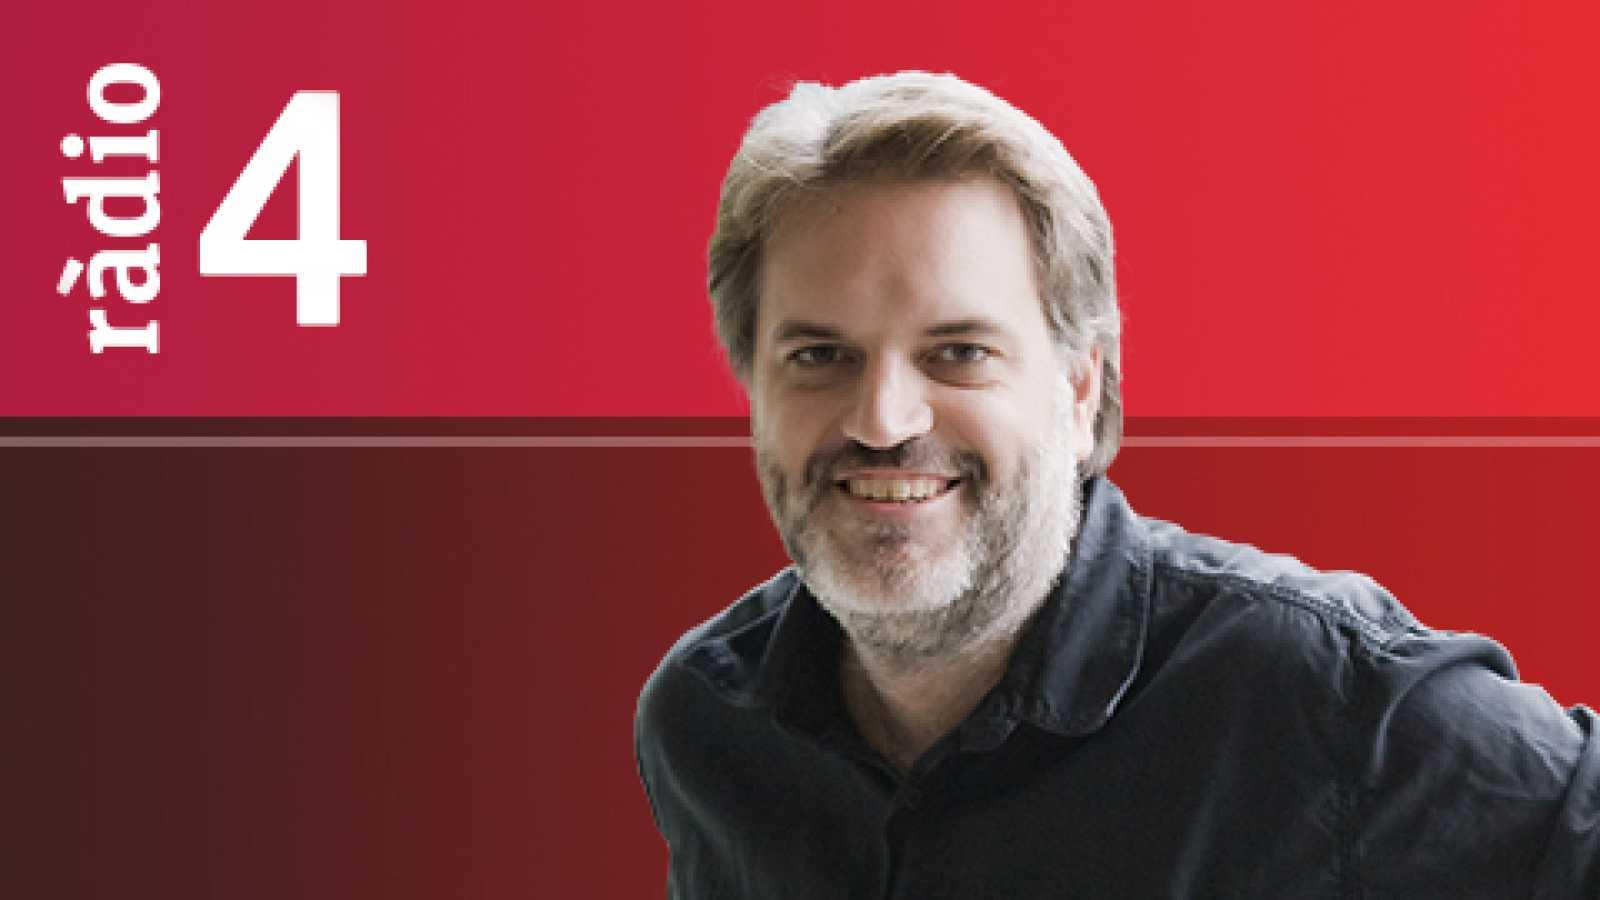 """El matí a Ràdio 4 - Entrevista a Salvador Sunyer, Temporada Alta. Concurs """"L'Elogi de la Paraula"""". Amb Alba Casaramona 'bars modernistes'"""